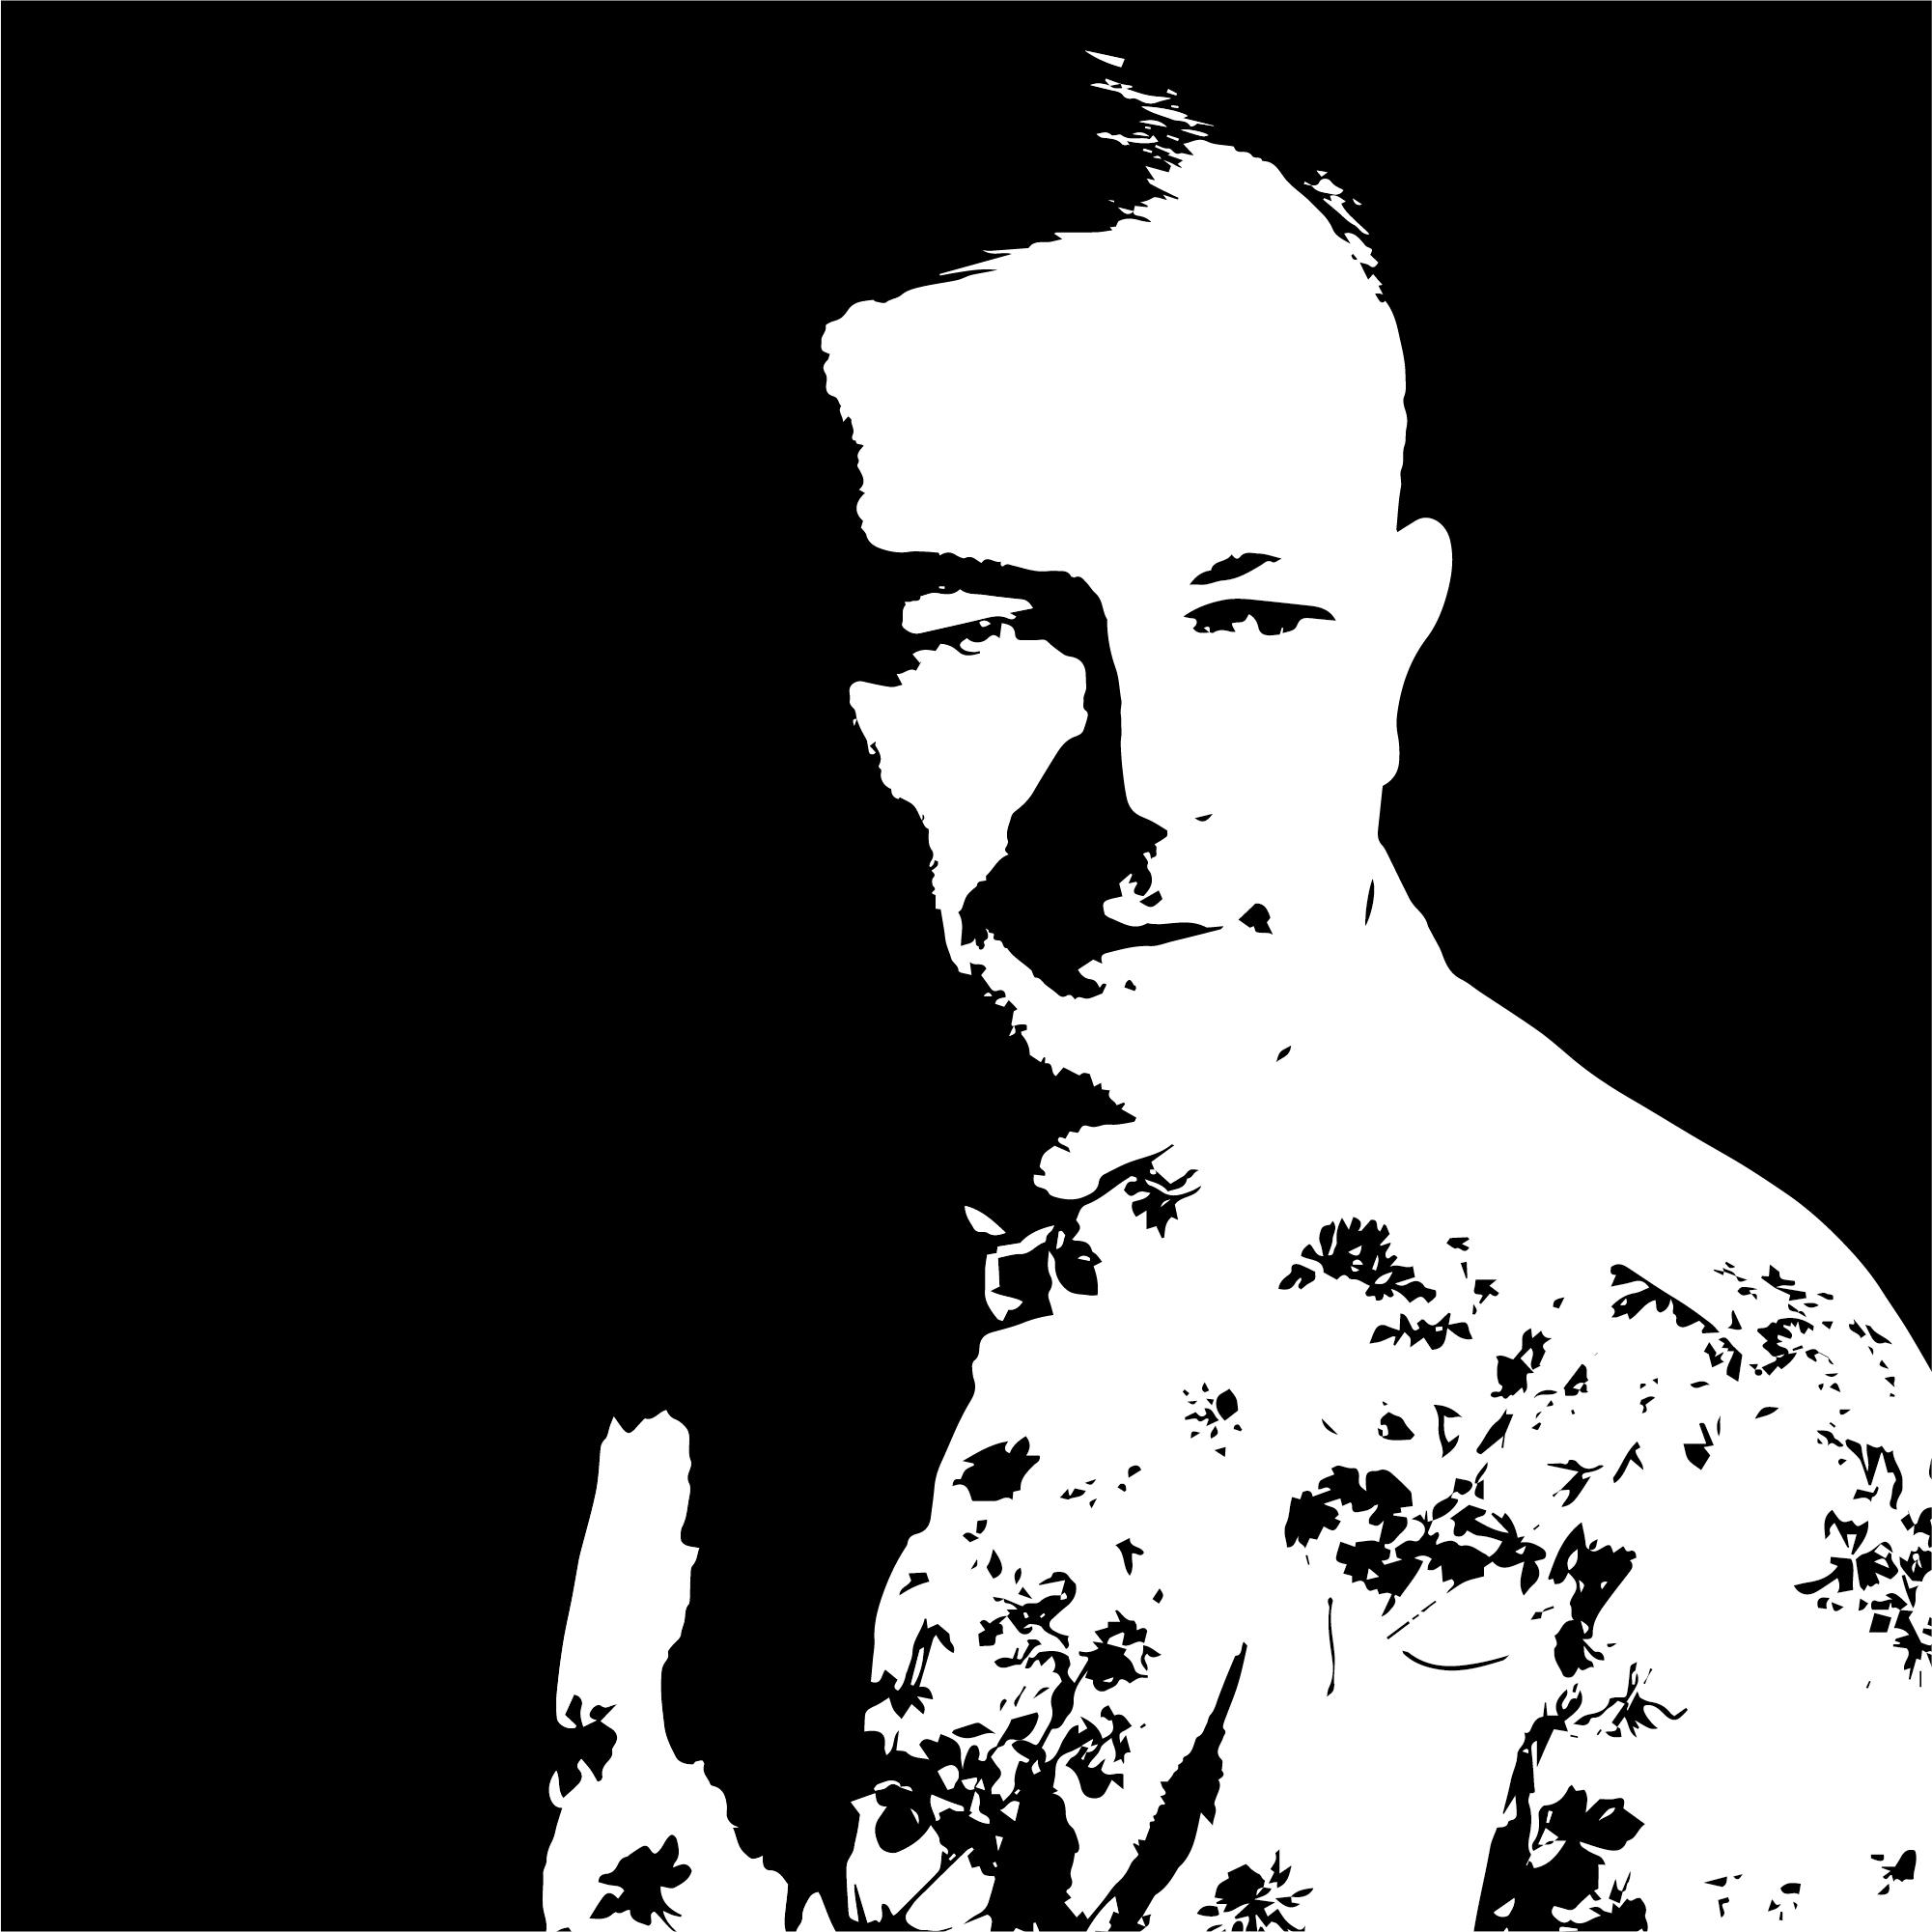 Czarno-biały stylizowany portret łotewskiego pisarza Karlis Verdnis. To mężczyzna urodzony w 1979 roku, Ma krótkie, jasne włos, zamyślone spojrzenie skierowane poza kadr. Ubrany jest we wzorzystą koszulę.